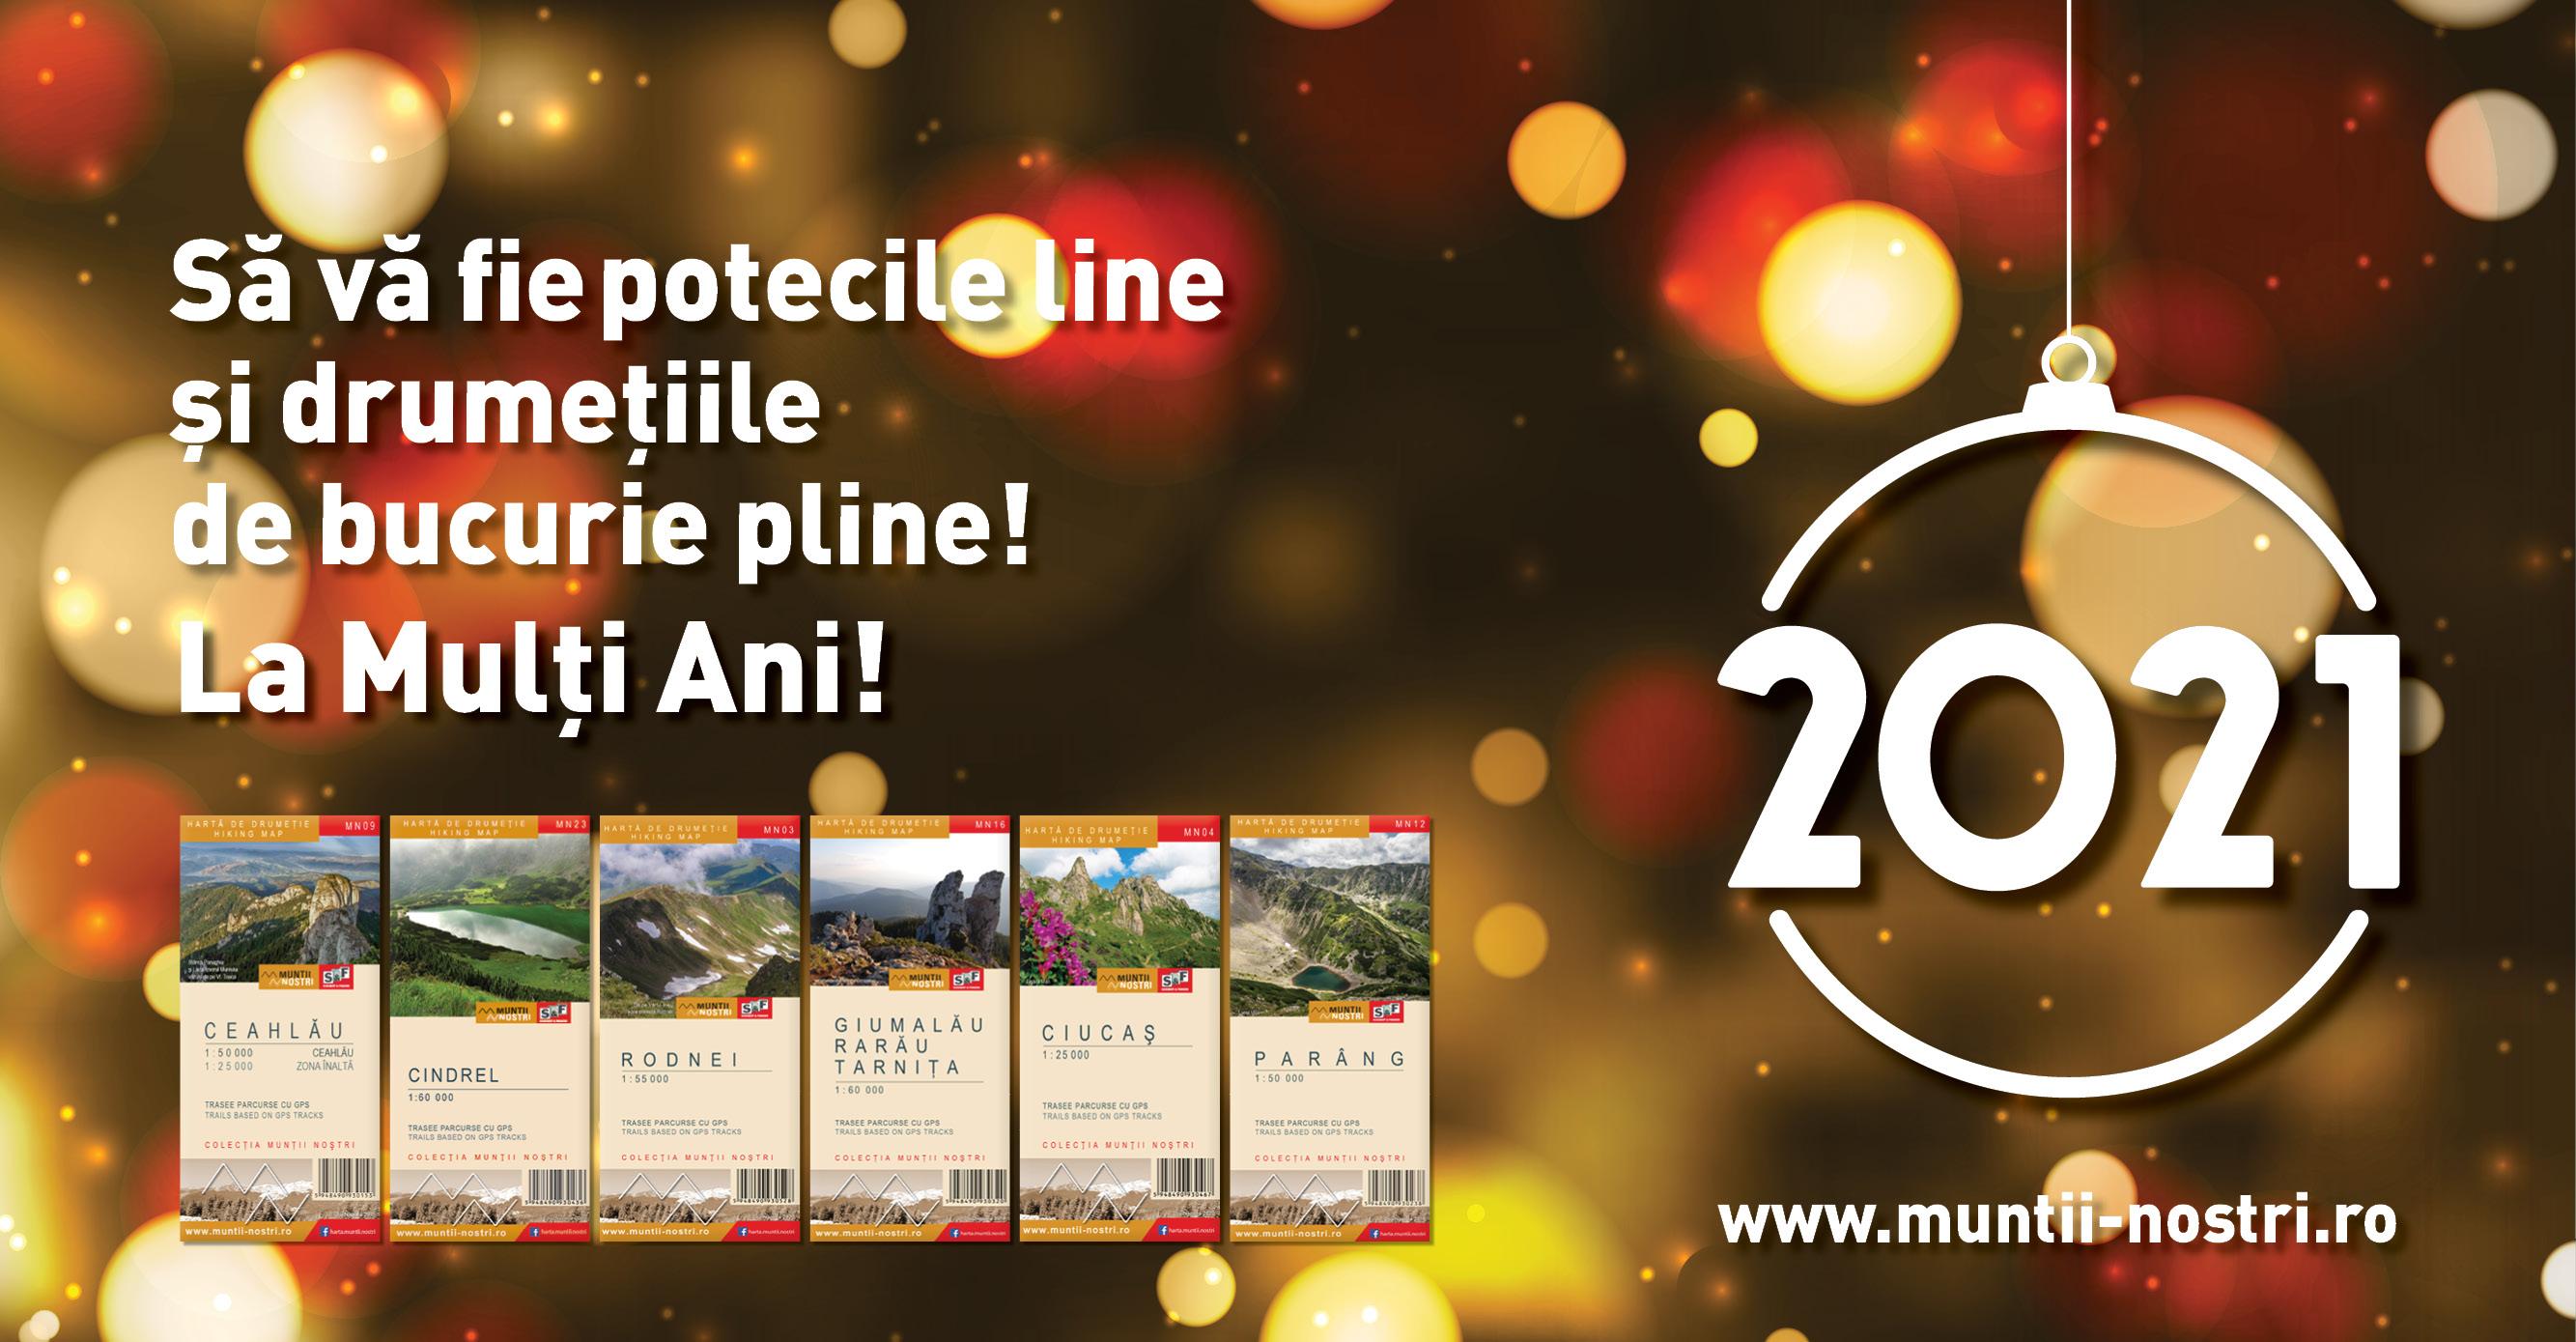 Felicitare Anul Nou 2021 Munții Noștri